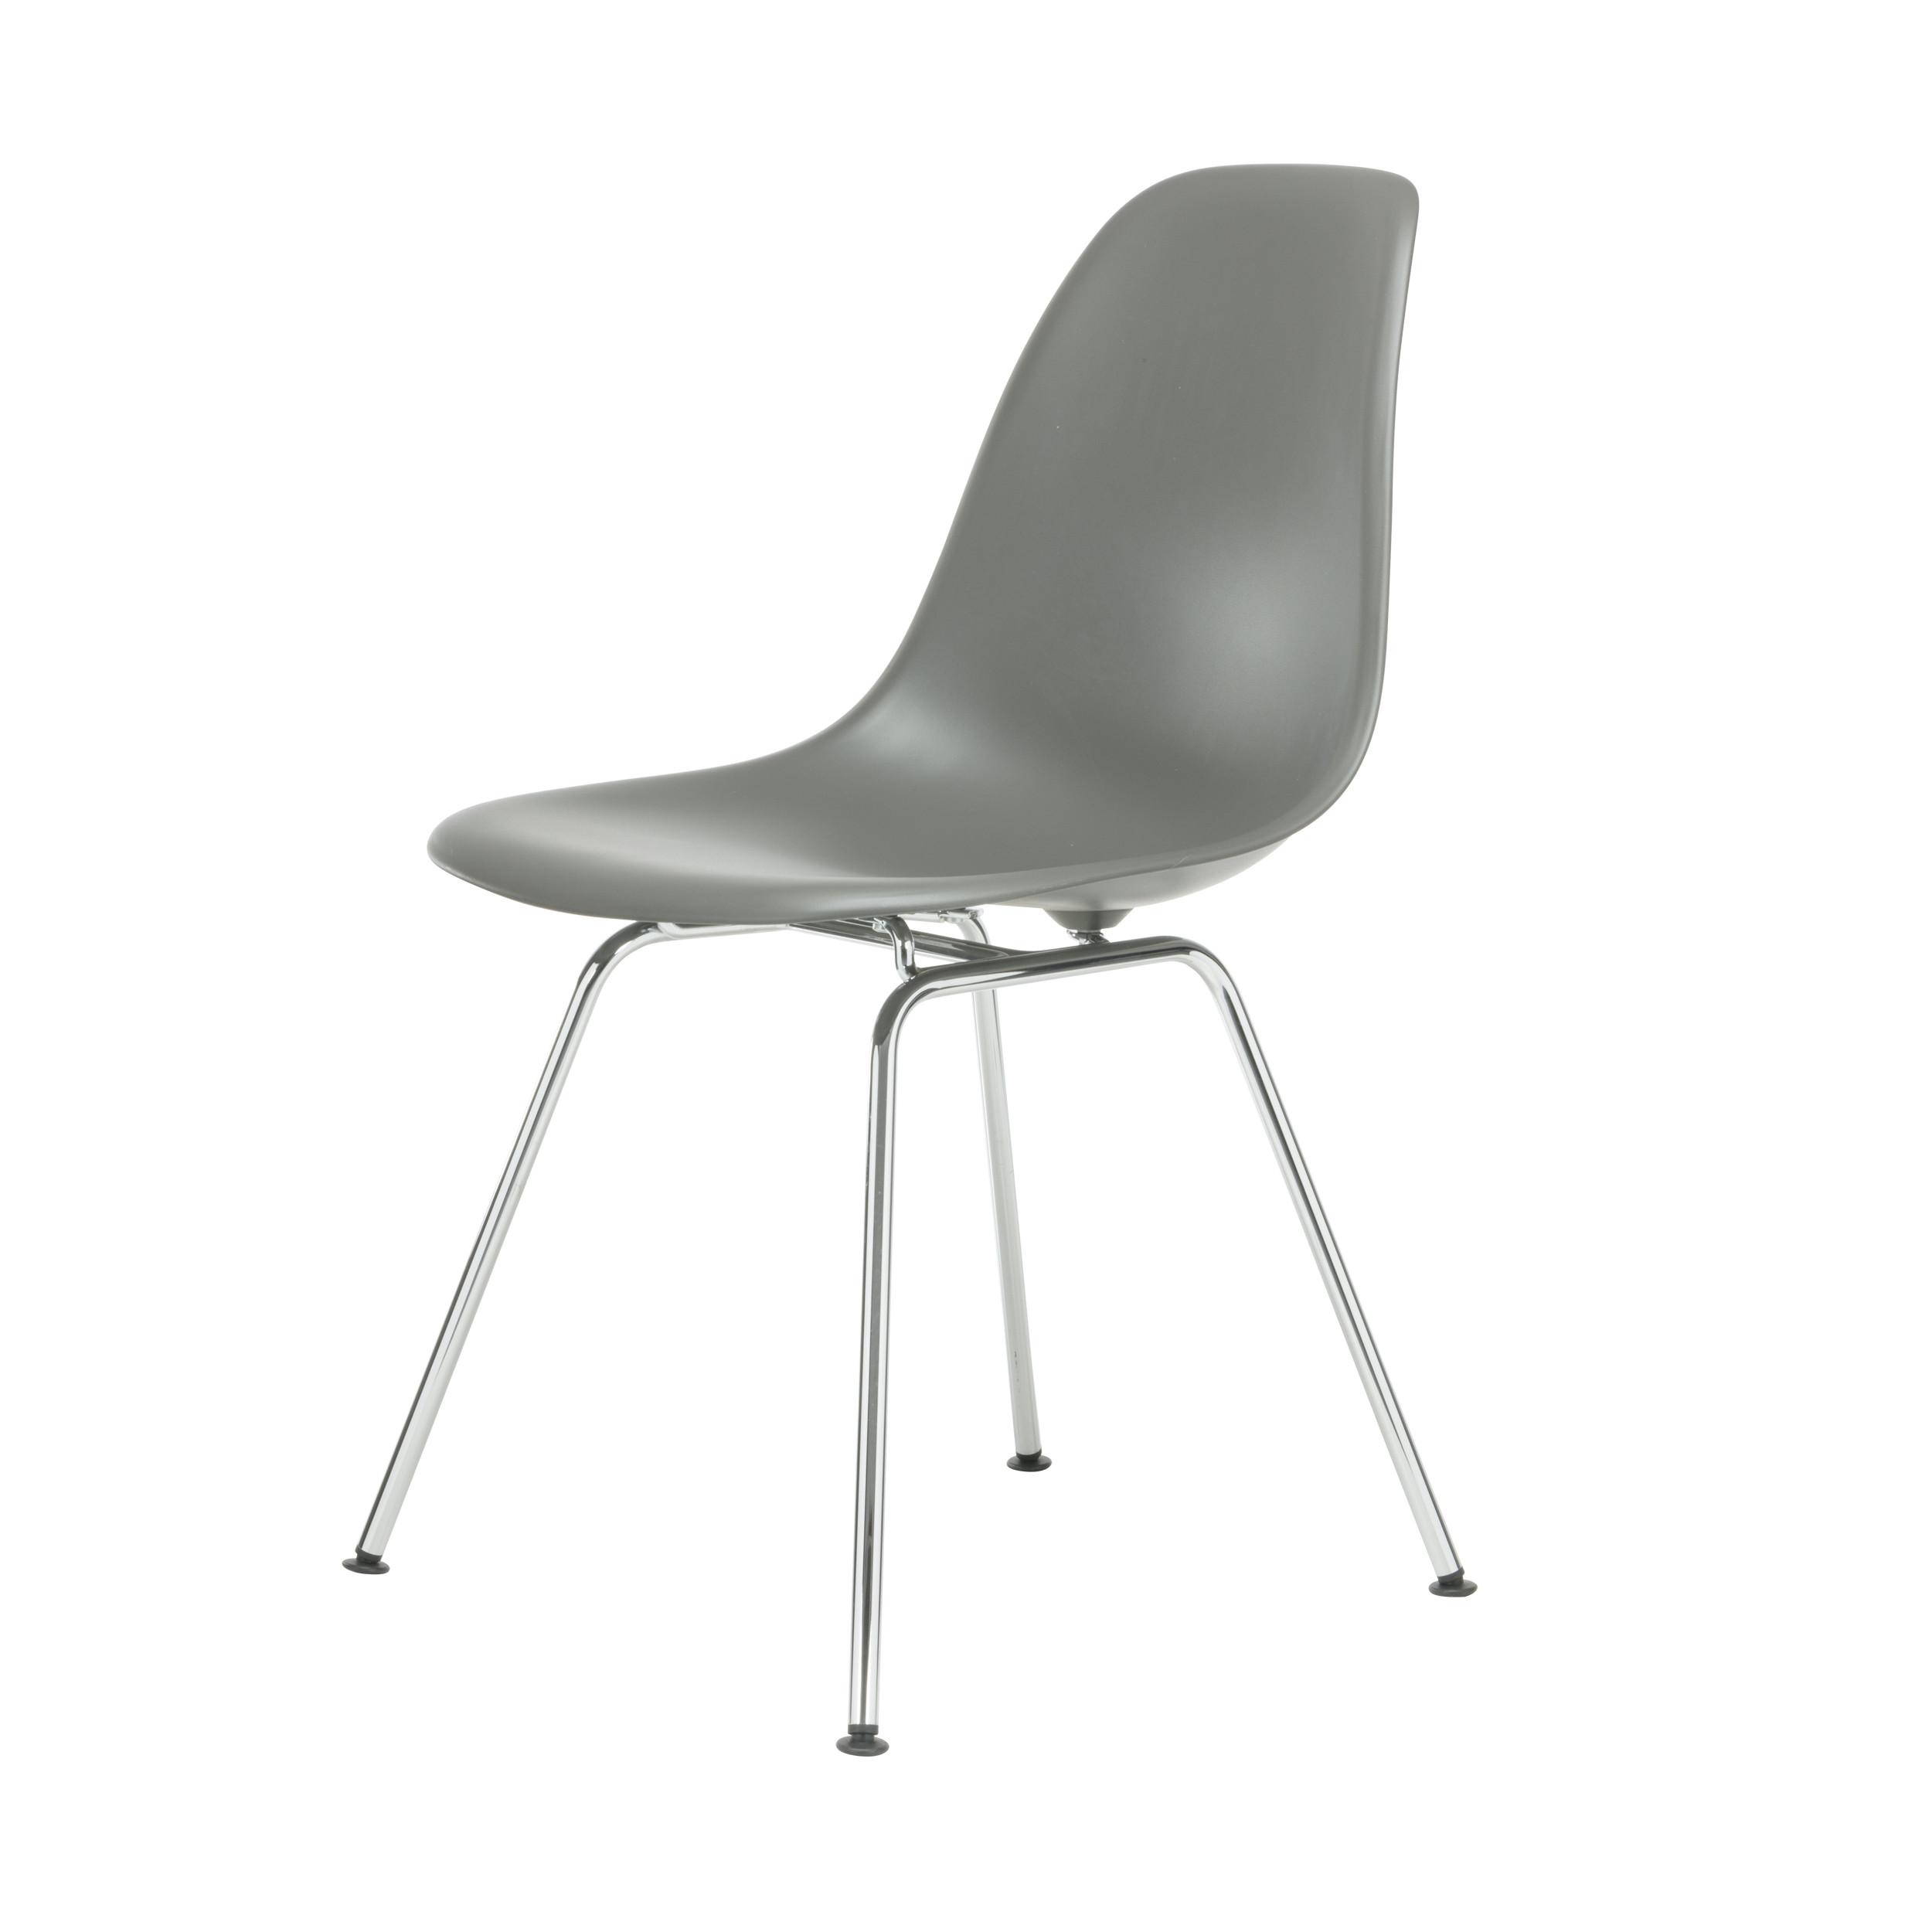 Eames plastic side chair stuhl dsx mit kunststoffgleitern for Eames chair bestellen